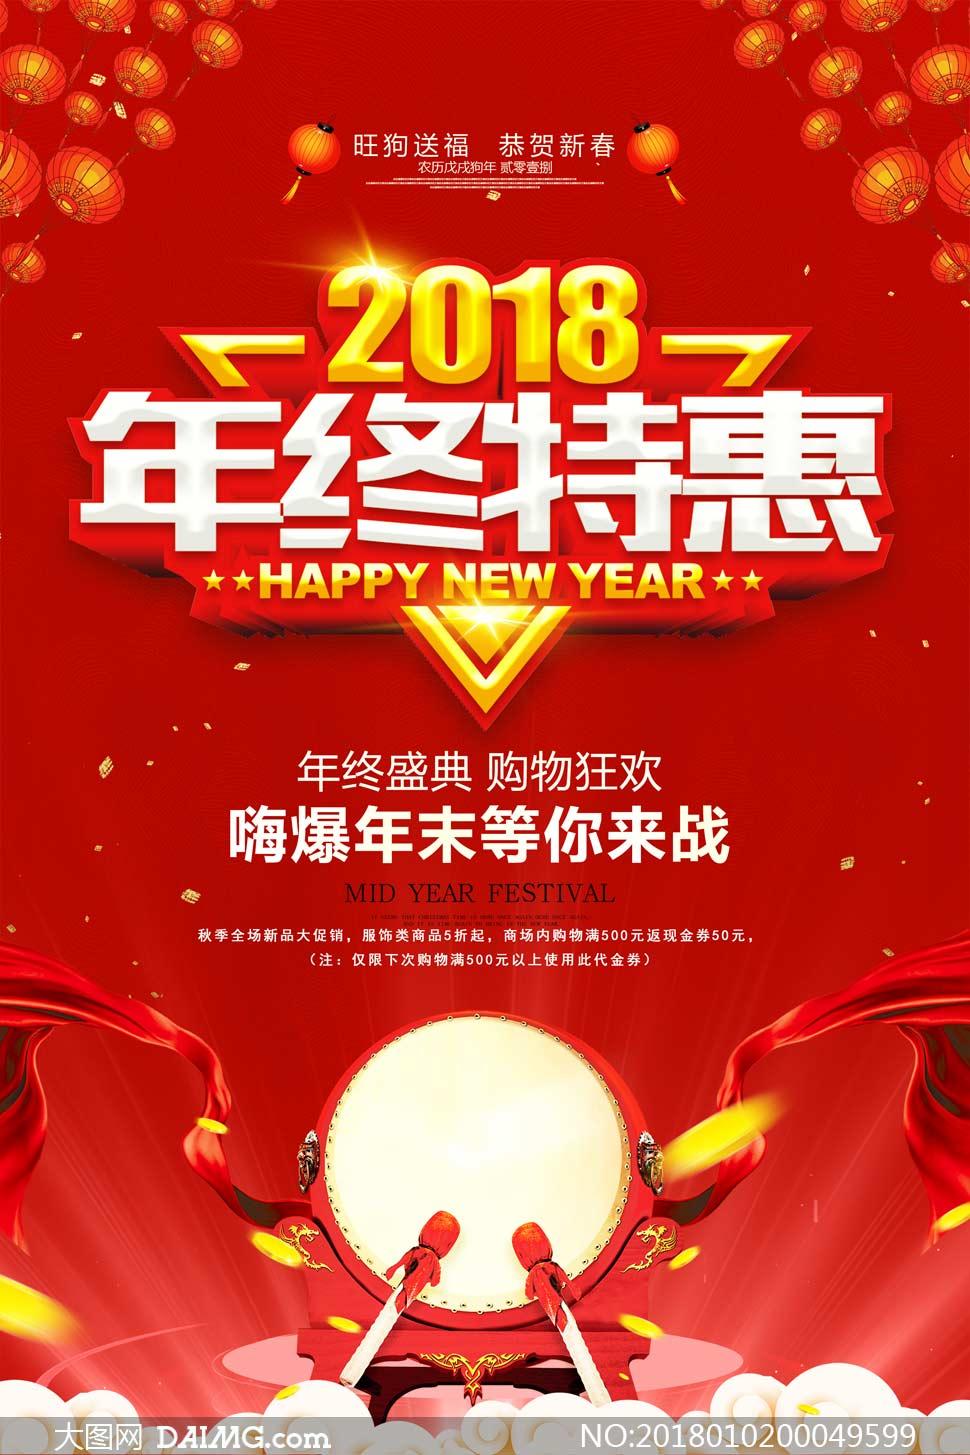 2018年终特惠购物促销海报PSD素材